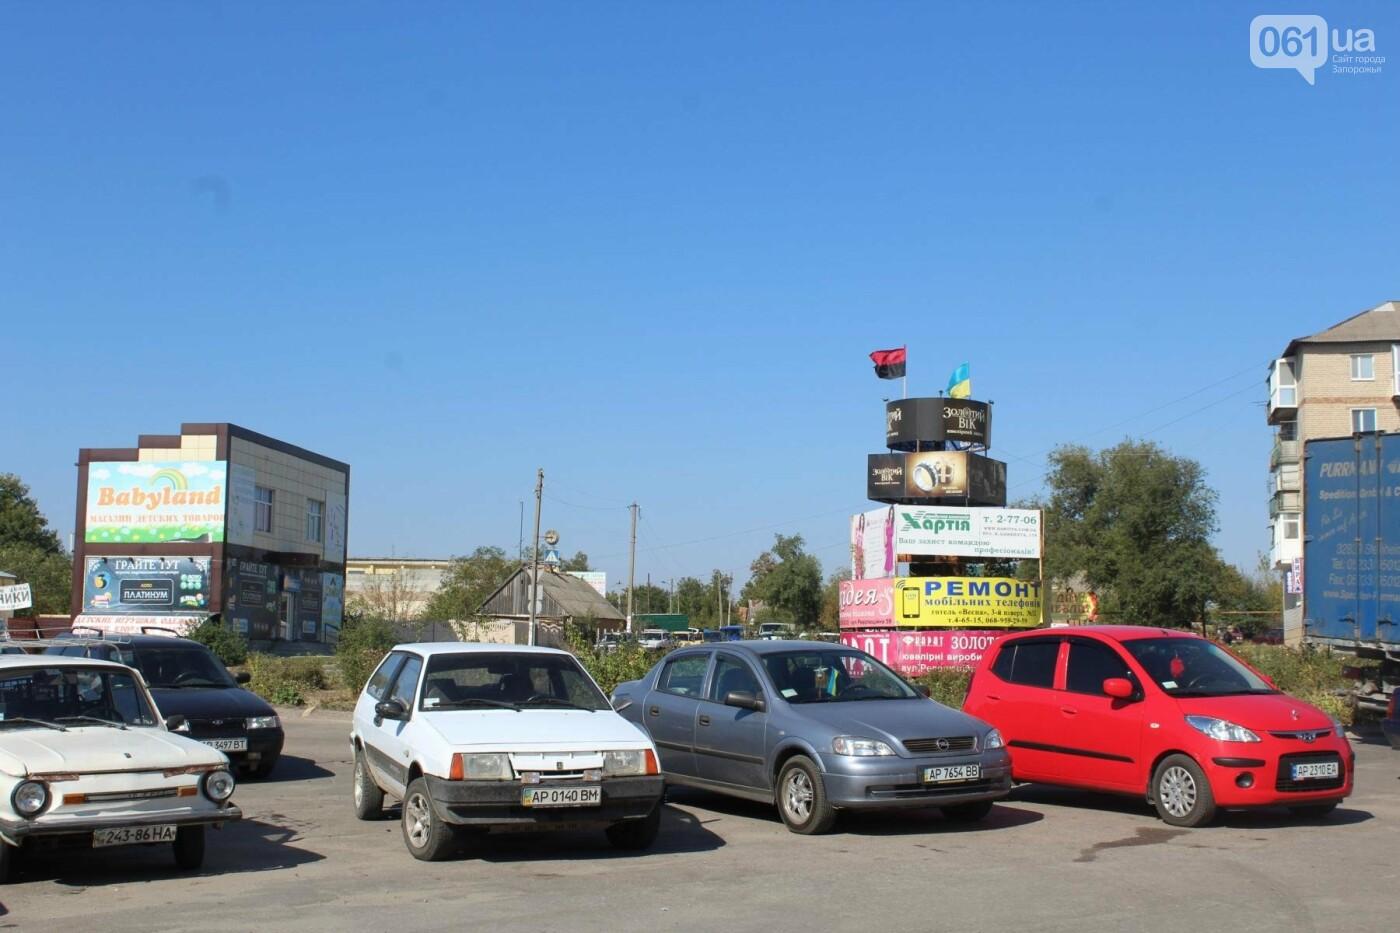 Как там в Токмаке: репортаж из официально депрессивного города, фото-3